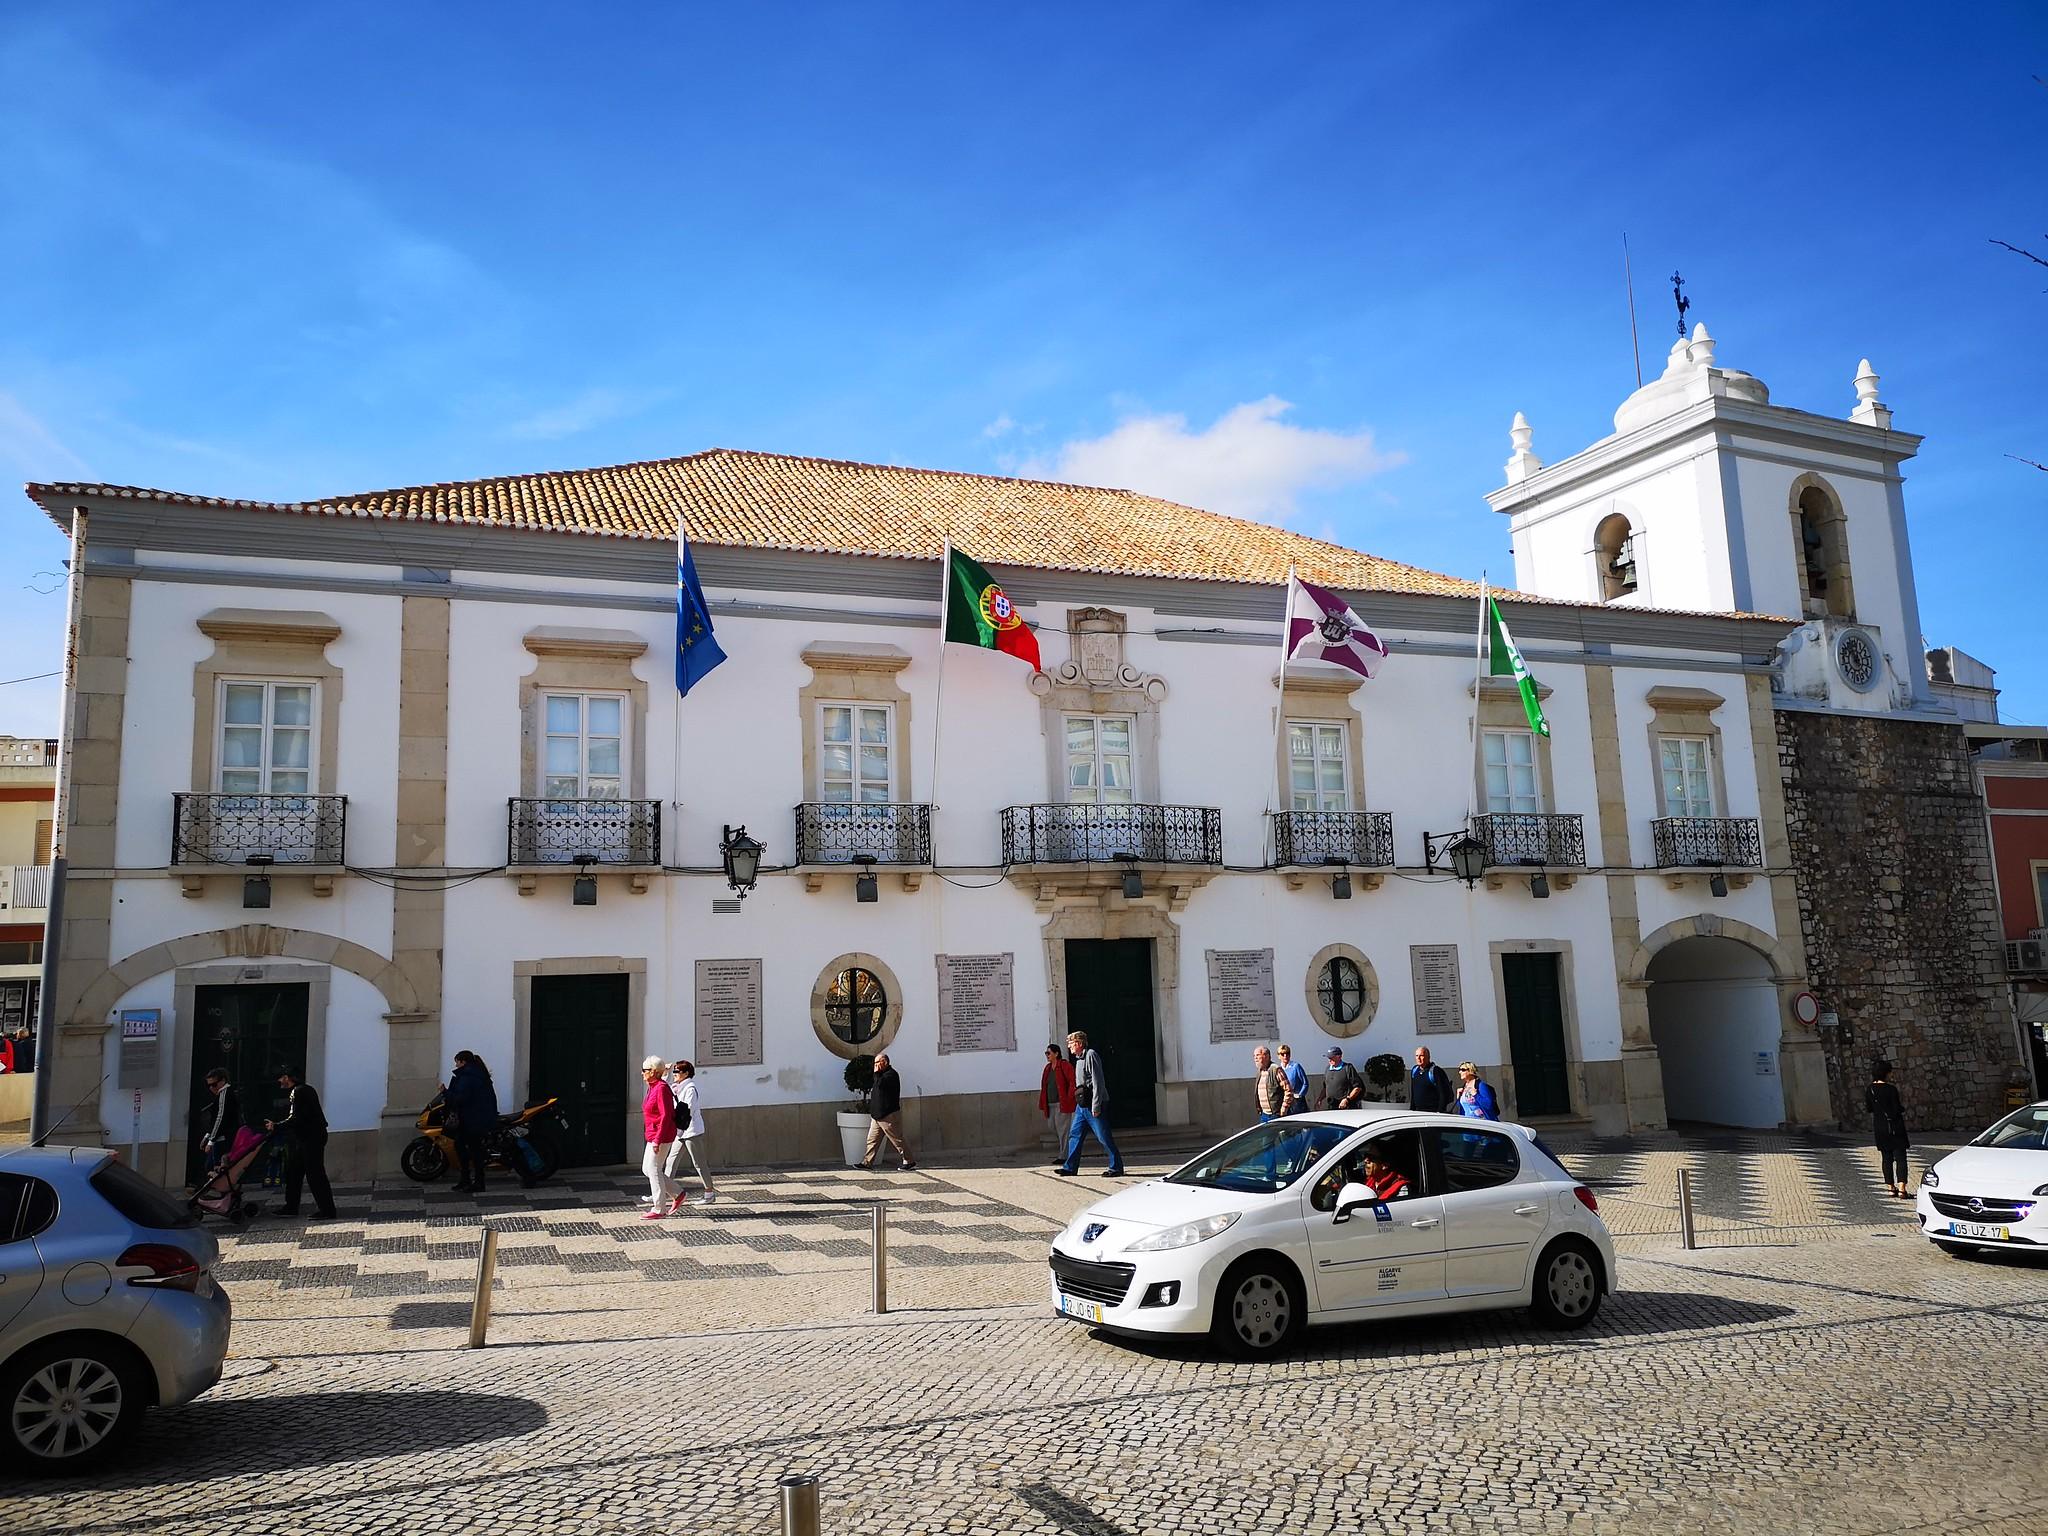 edificio Ayuntamiento de Loulé Portugal